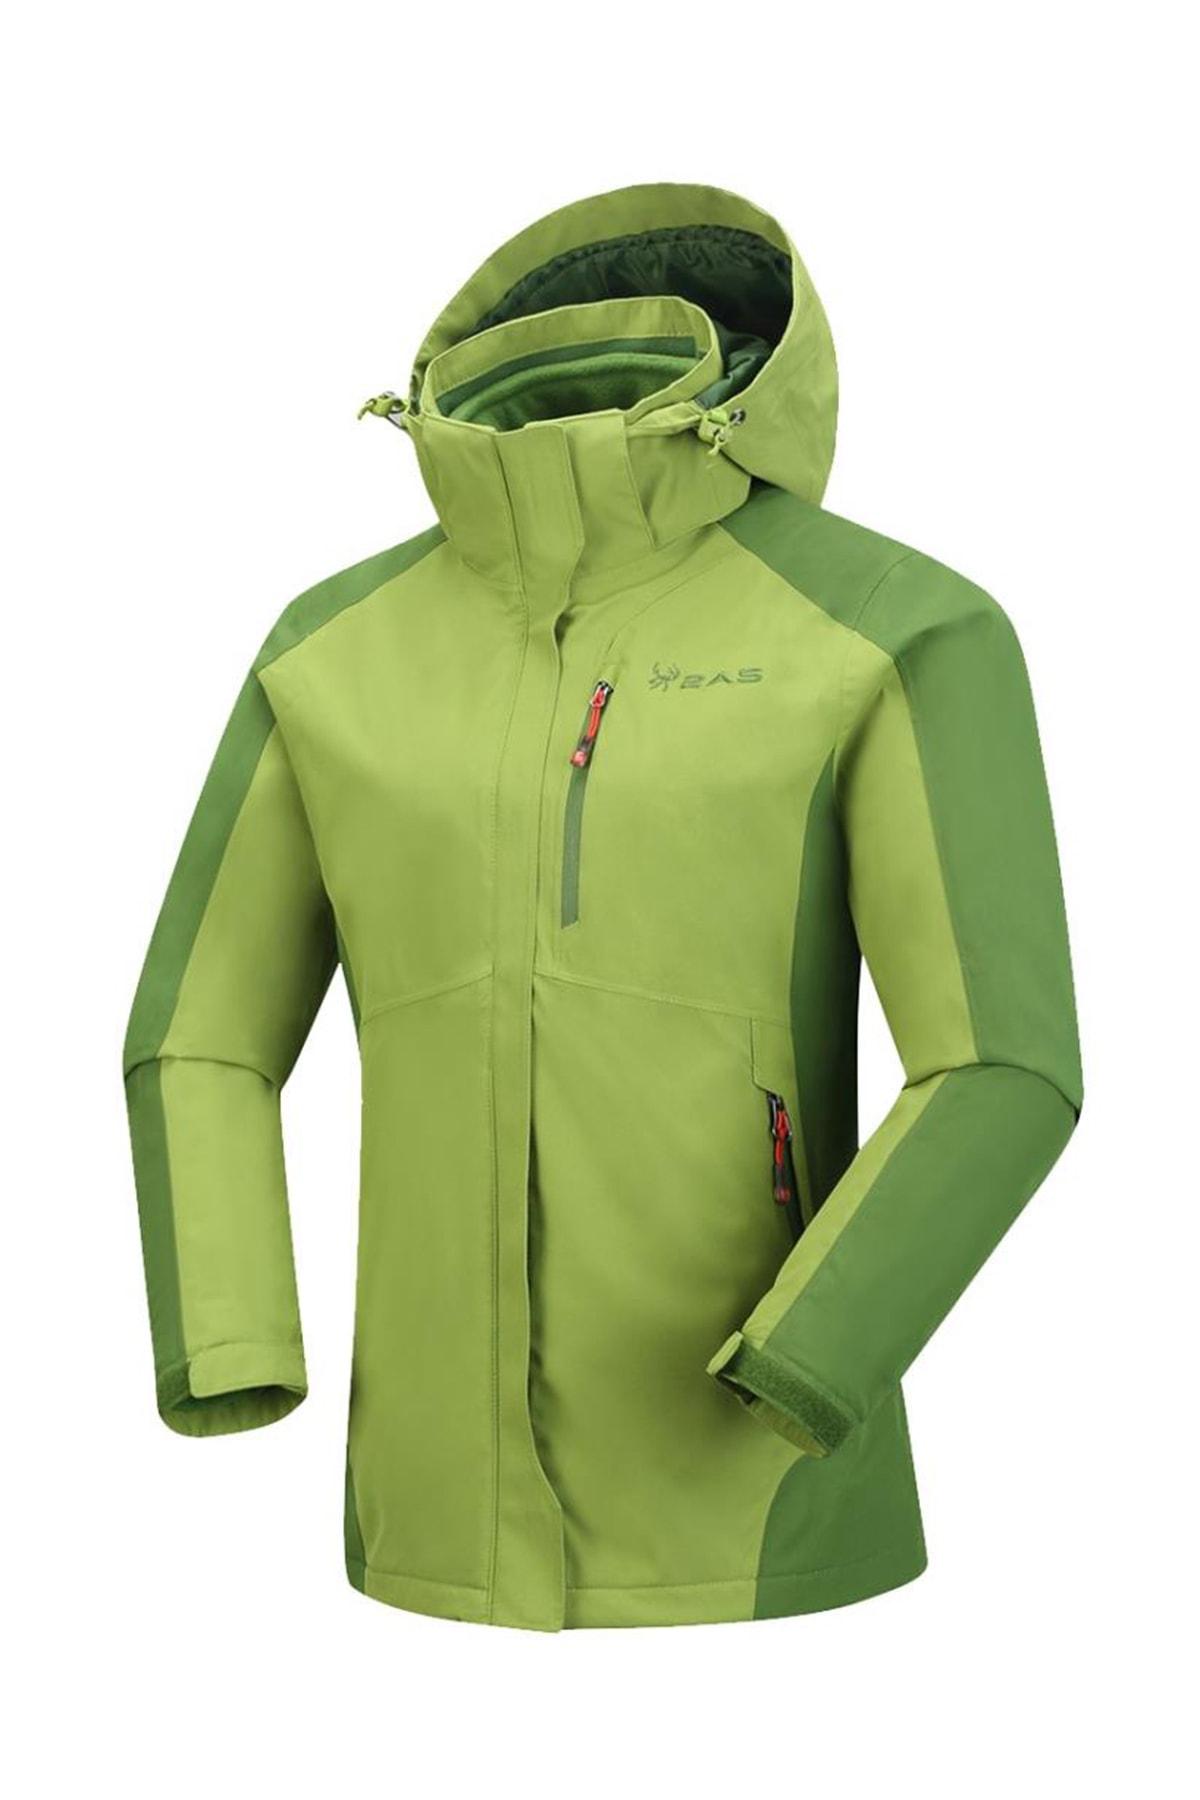 2AS Sparkle Kadın 3in1 Mont Yeşil 1